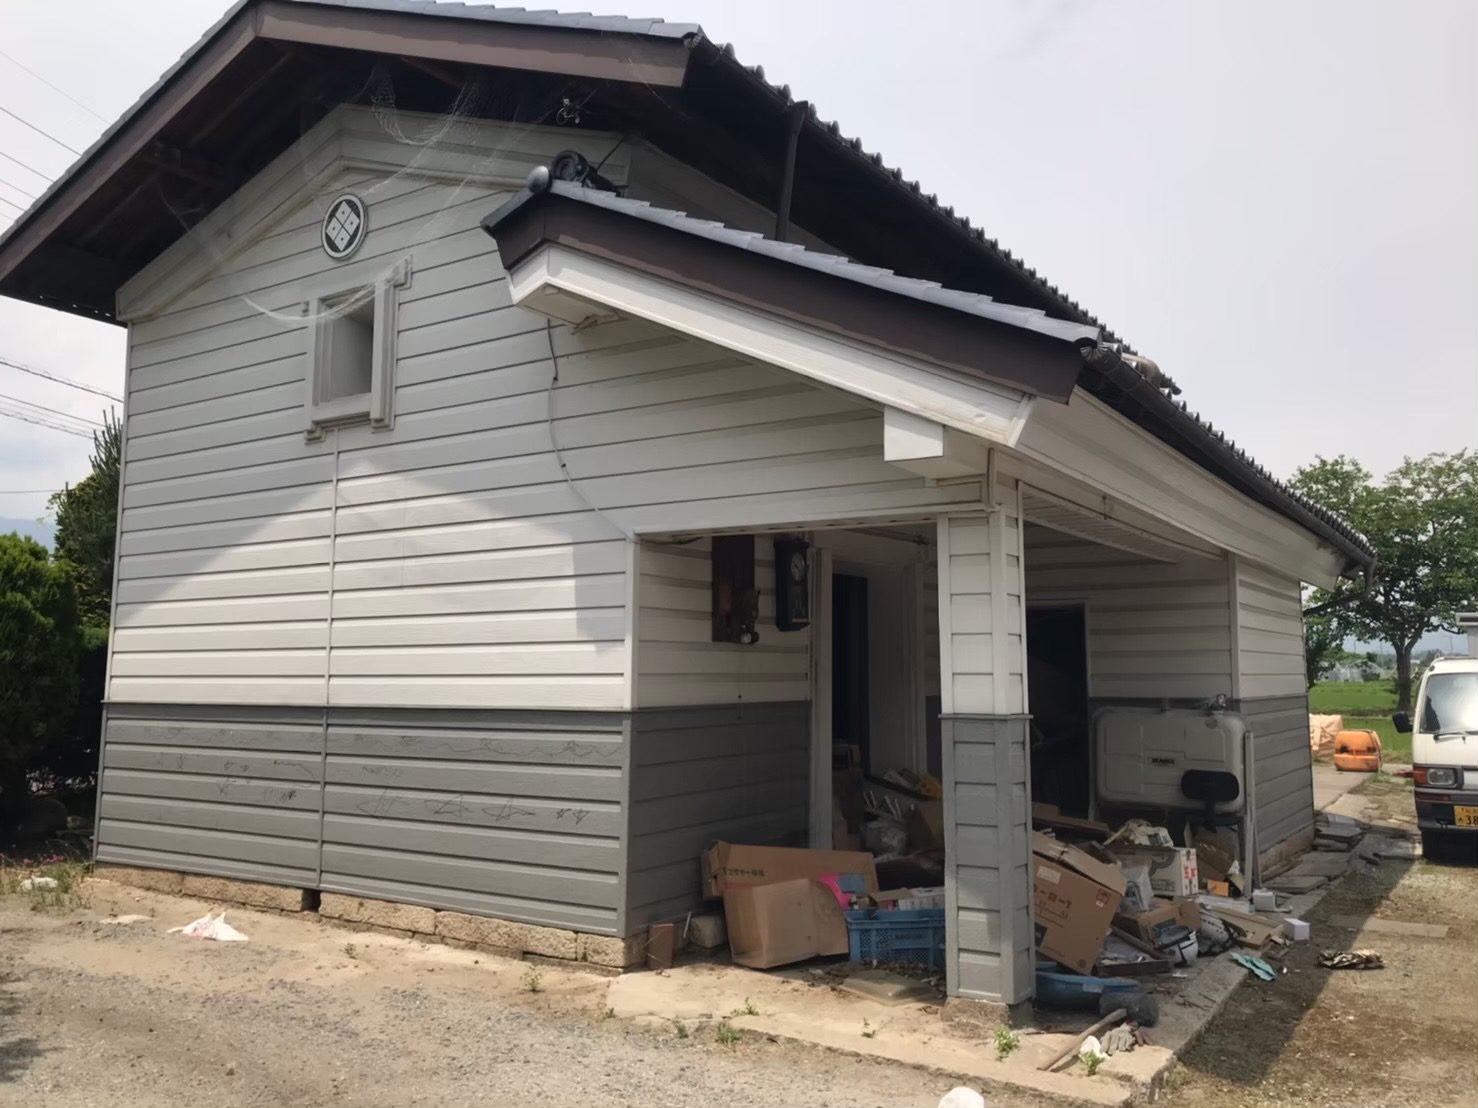 安曇野市 土蔵・倉庫解体工事